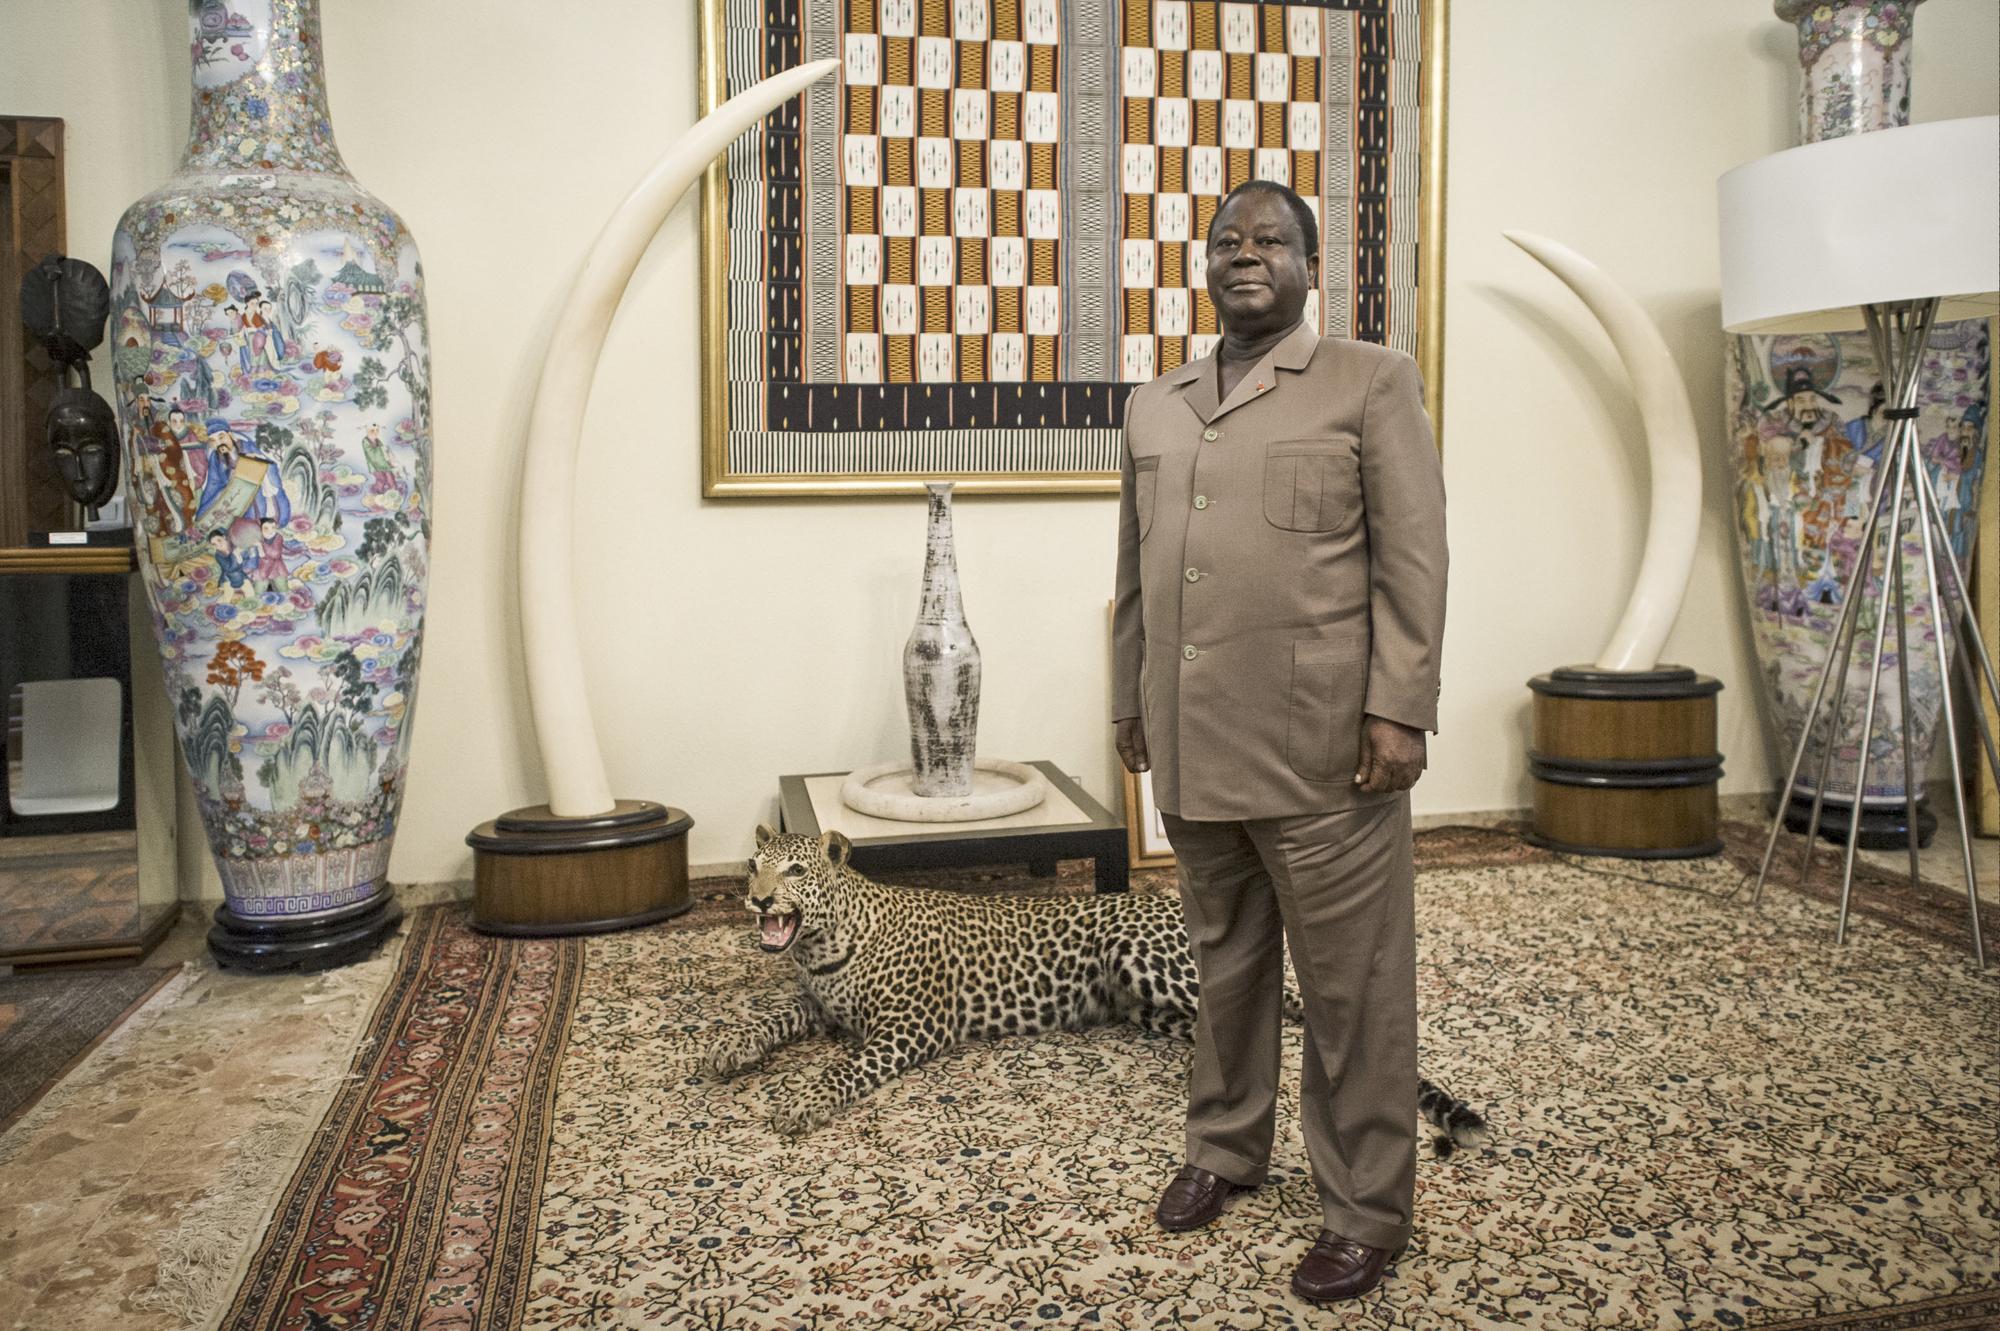 L'ex-président de la Côte d'Ivoire et actuel président du PDCI (Parti démocratique de la Côte d'Ivoire) Henri Konan Bédié à son domicile à Daoukro.